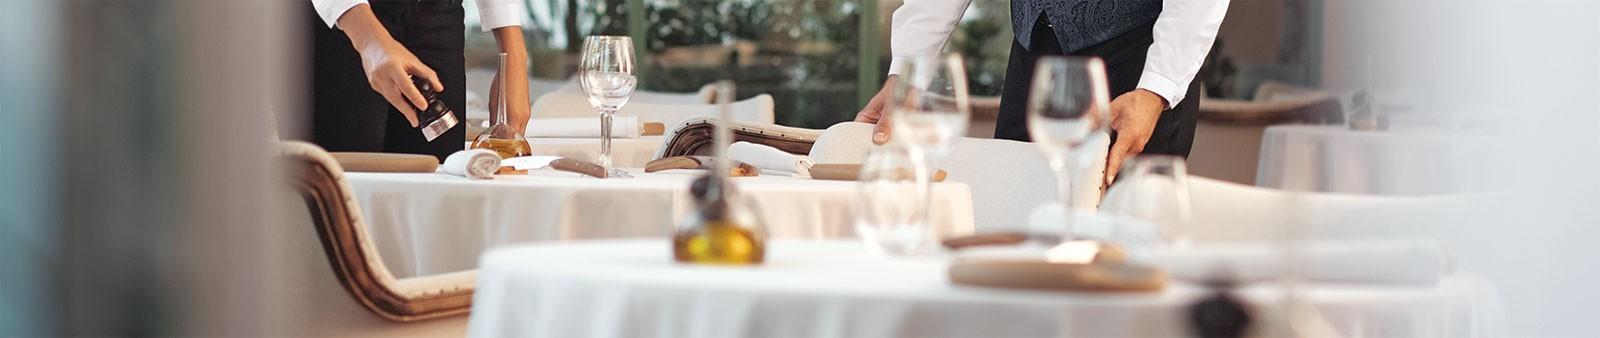 Schürzen - Service & Hotellerie